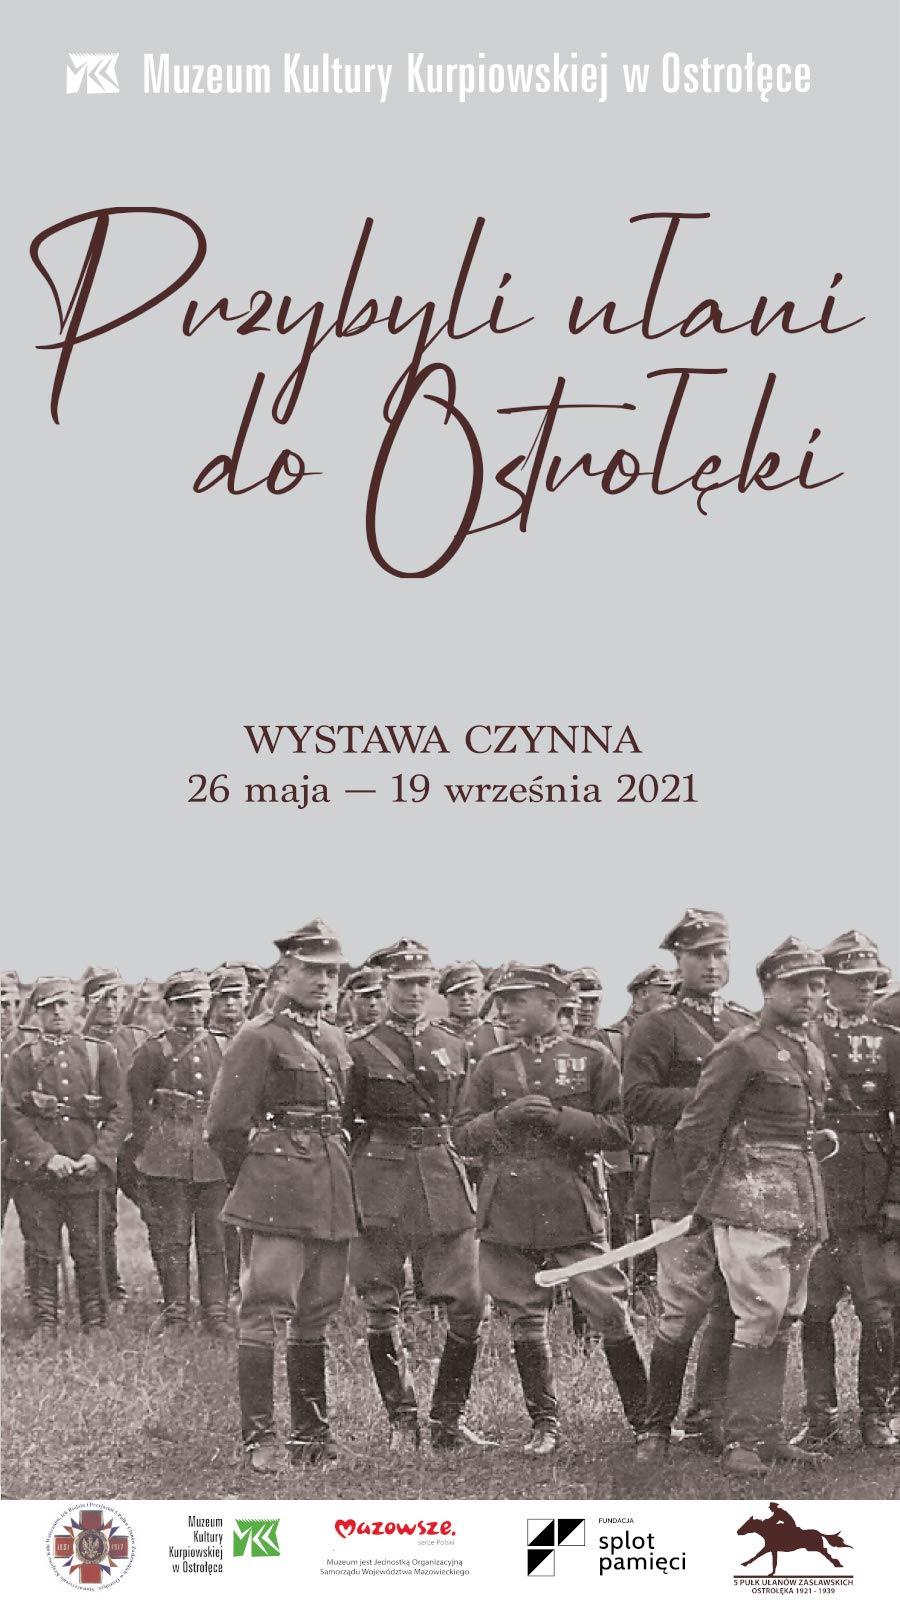 Zapraszamy na wystawę poświęconą 5 Pułkowi Ułanów Zasławskich